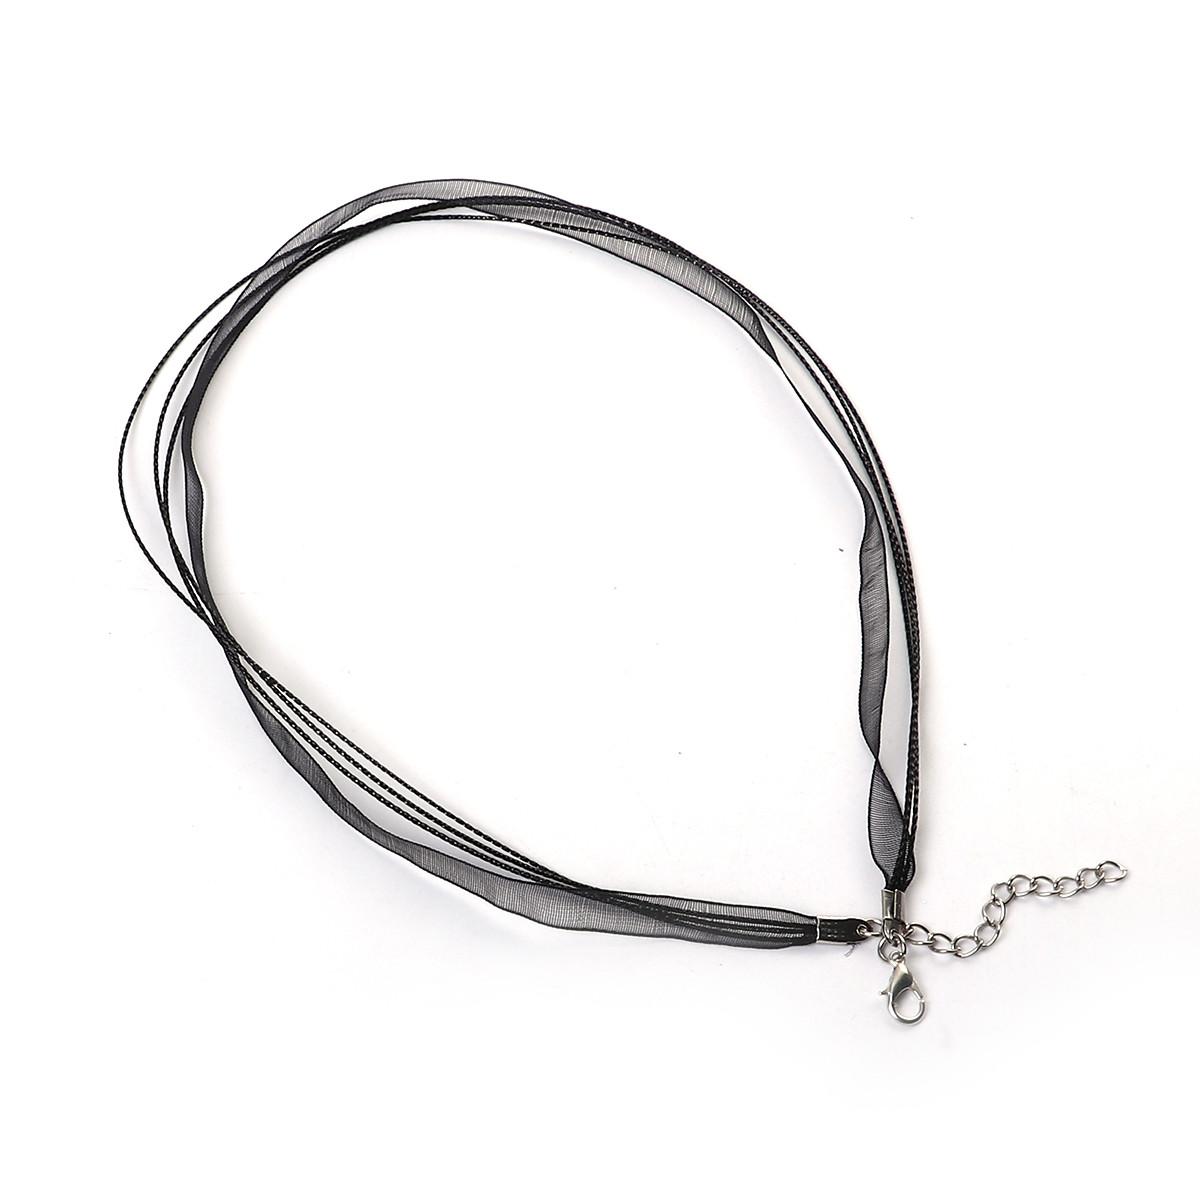 Основа-колье, подвески, шнур, ожерелье, Лента из органзы & Вощеный шнур, Черный цвет, 44,5 см + удлинитель